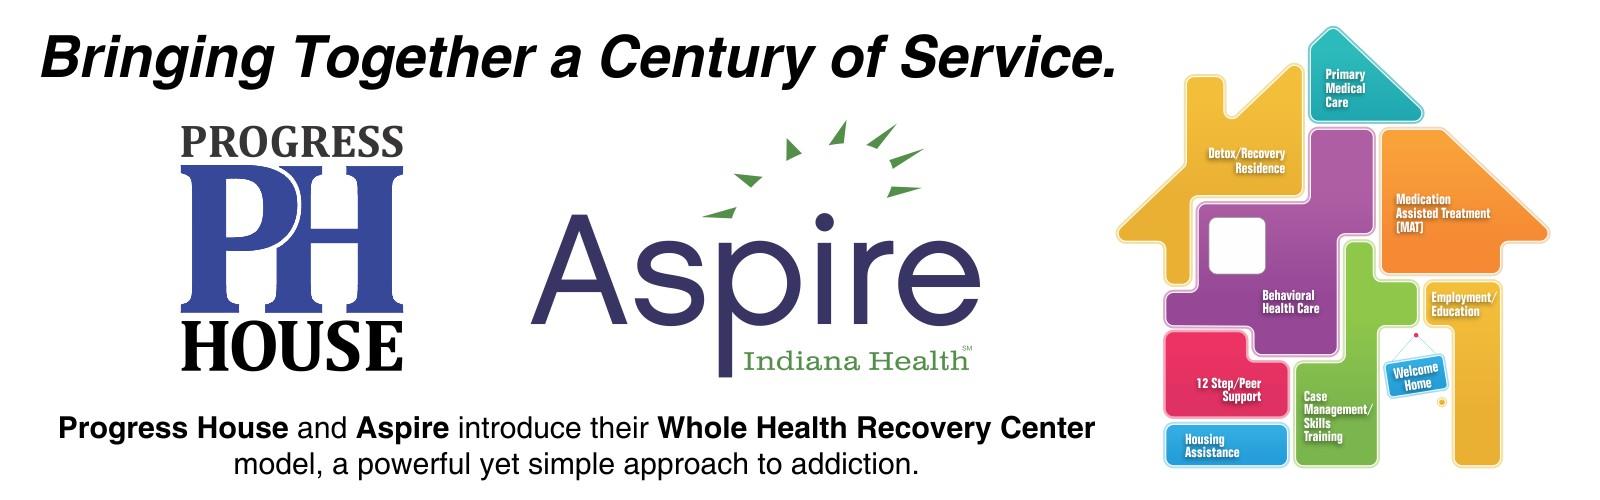 Progress House Aspire Indiana Health